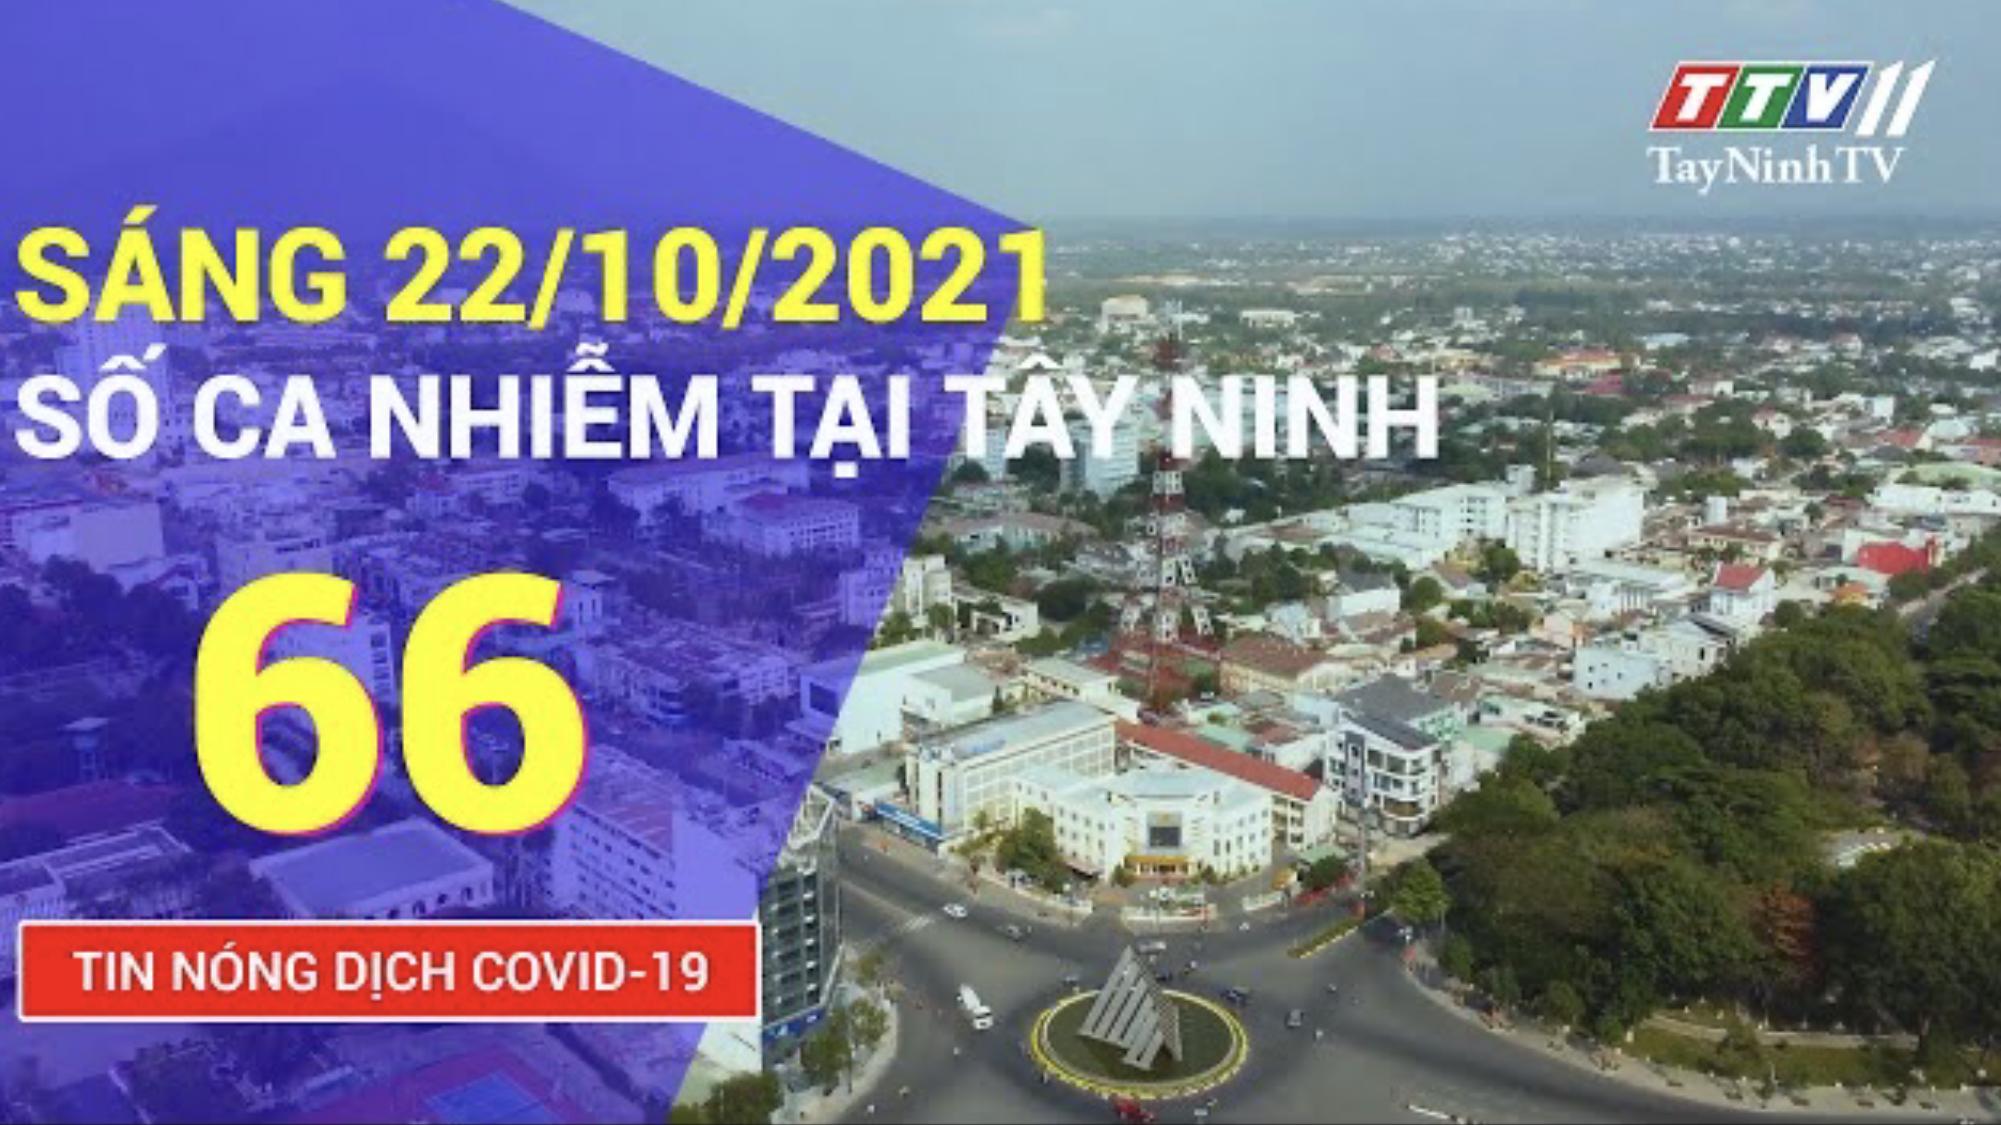 TIN TỨC COVID-19 SÁNG 22/10/2021 | Tin tức hôm nay | TayNinhTV